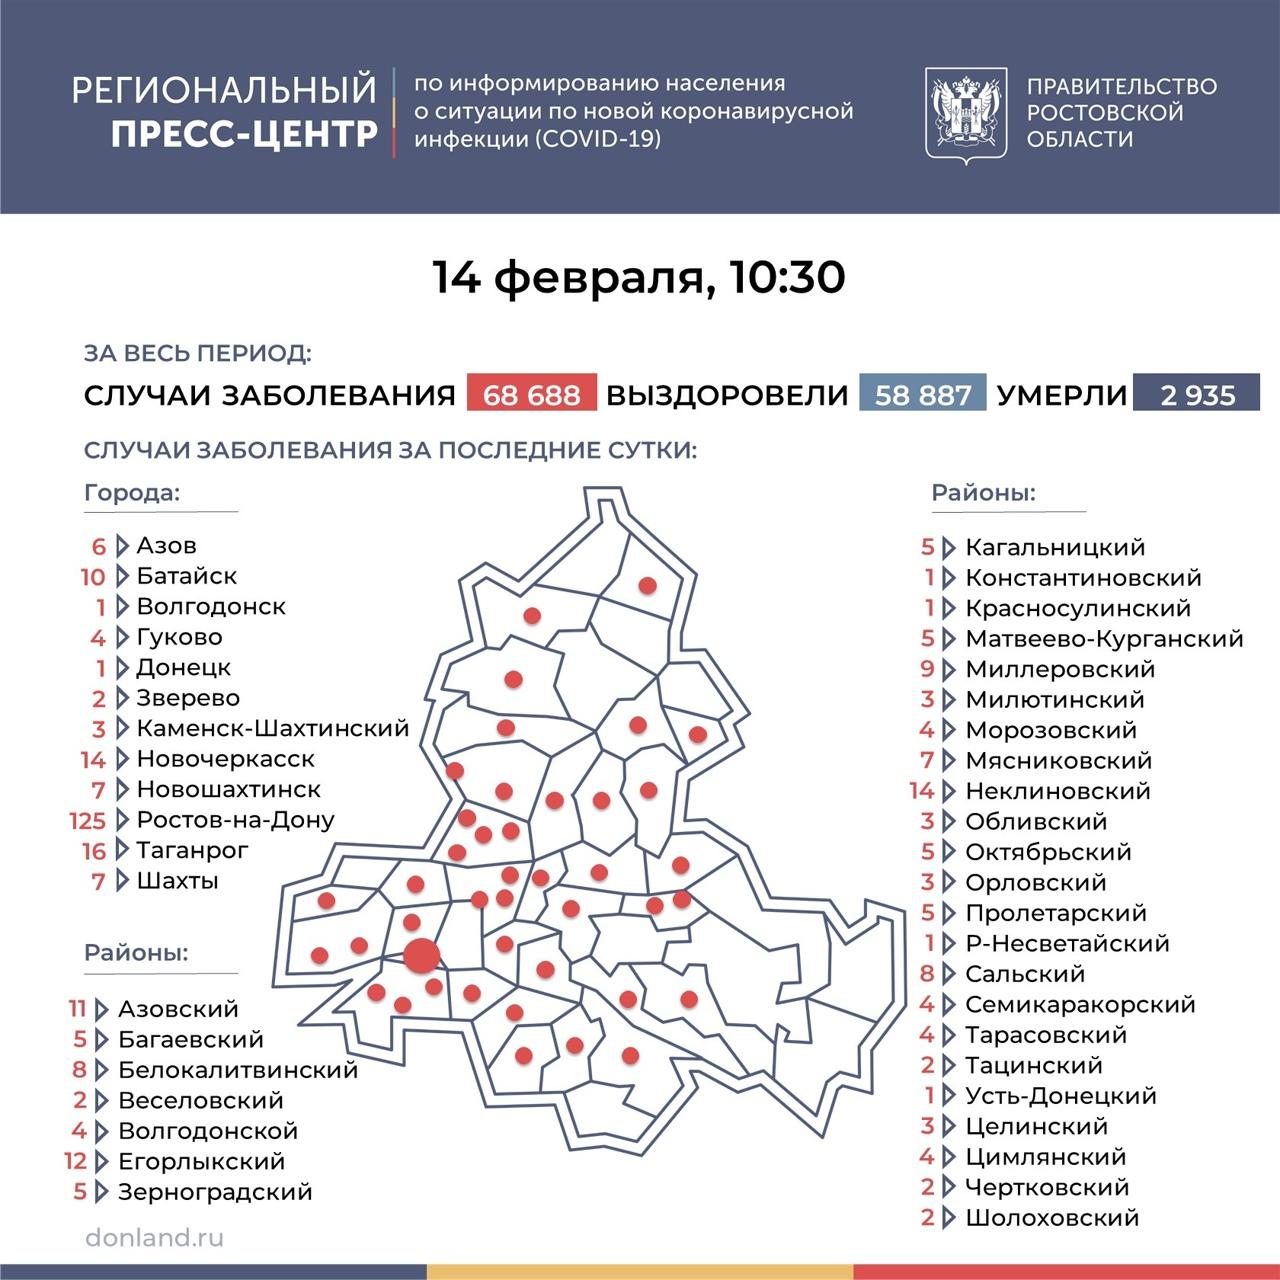 На Дону число инфицированных COVID-19 выросло на 339, в Таганроге 16 новых случаев